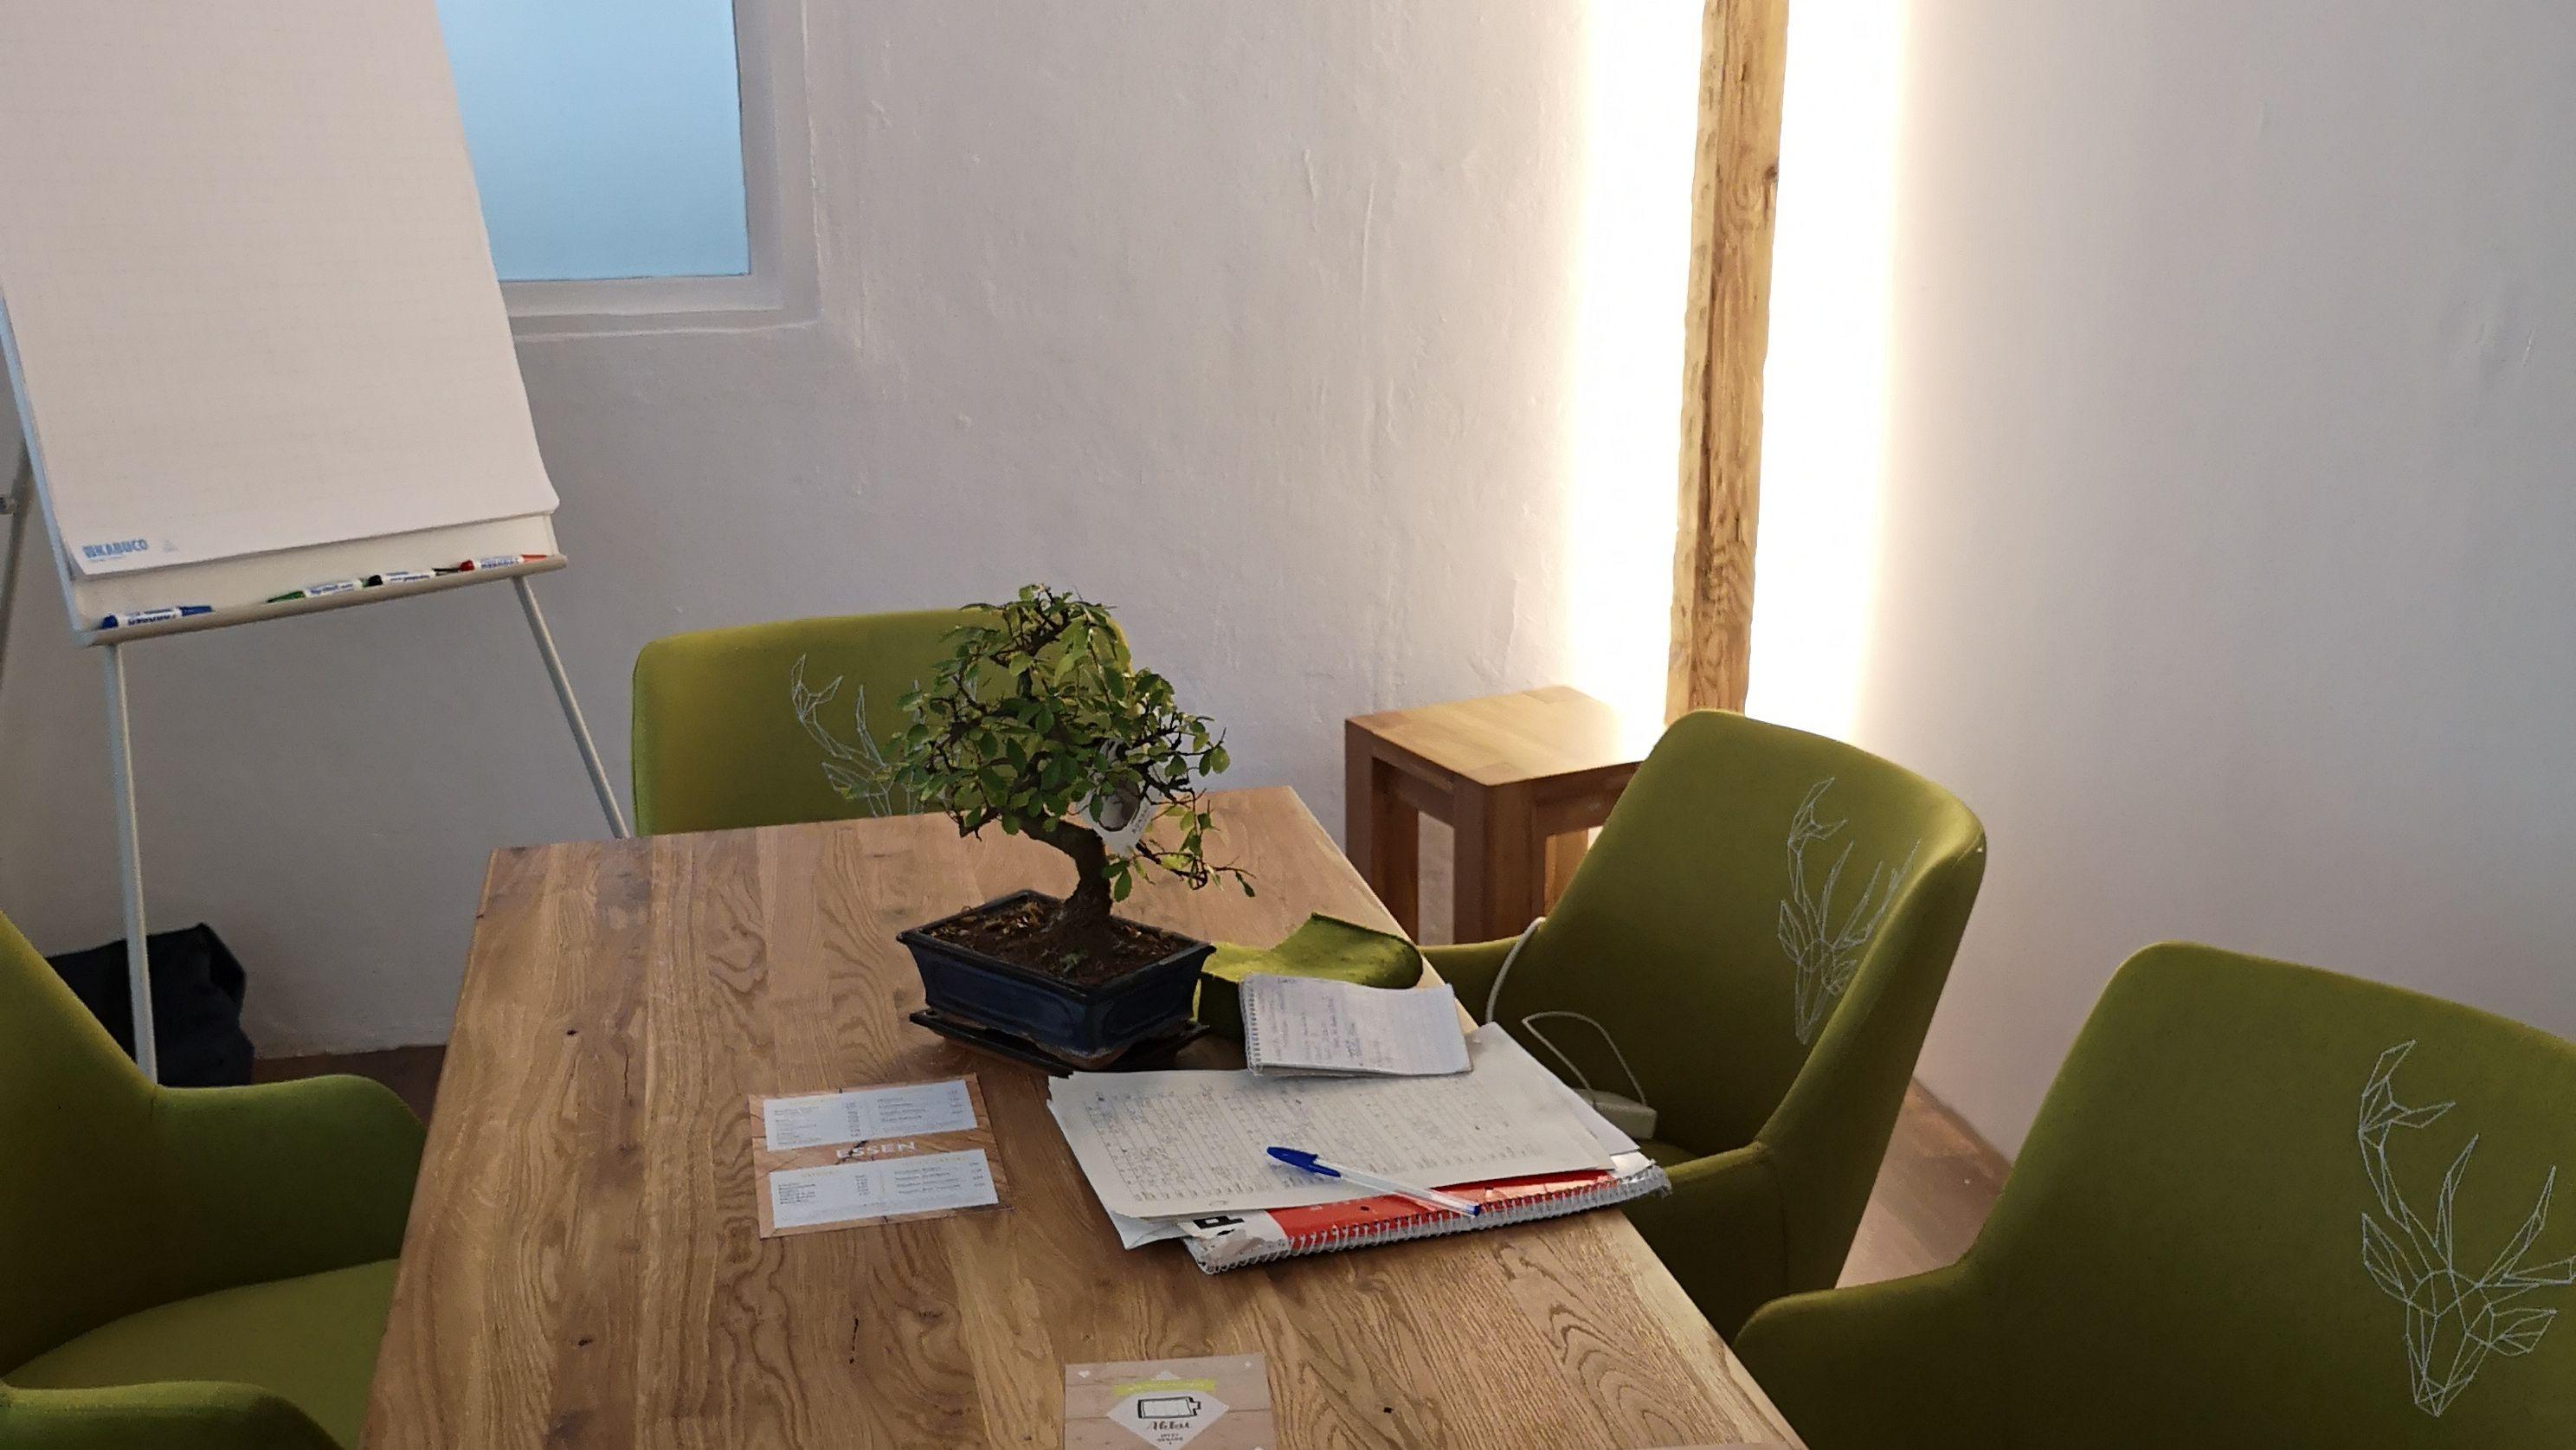 Ein Seminarraum mit grünen Stühlen, einem Holztisch und einem Whiteboard.